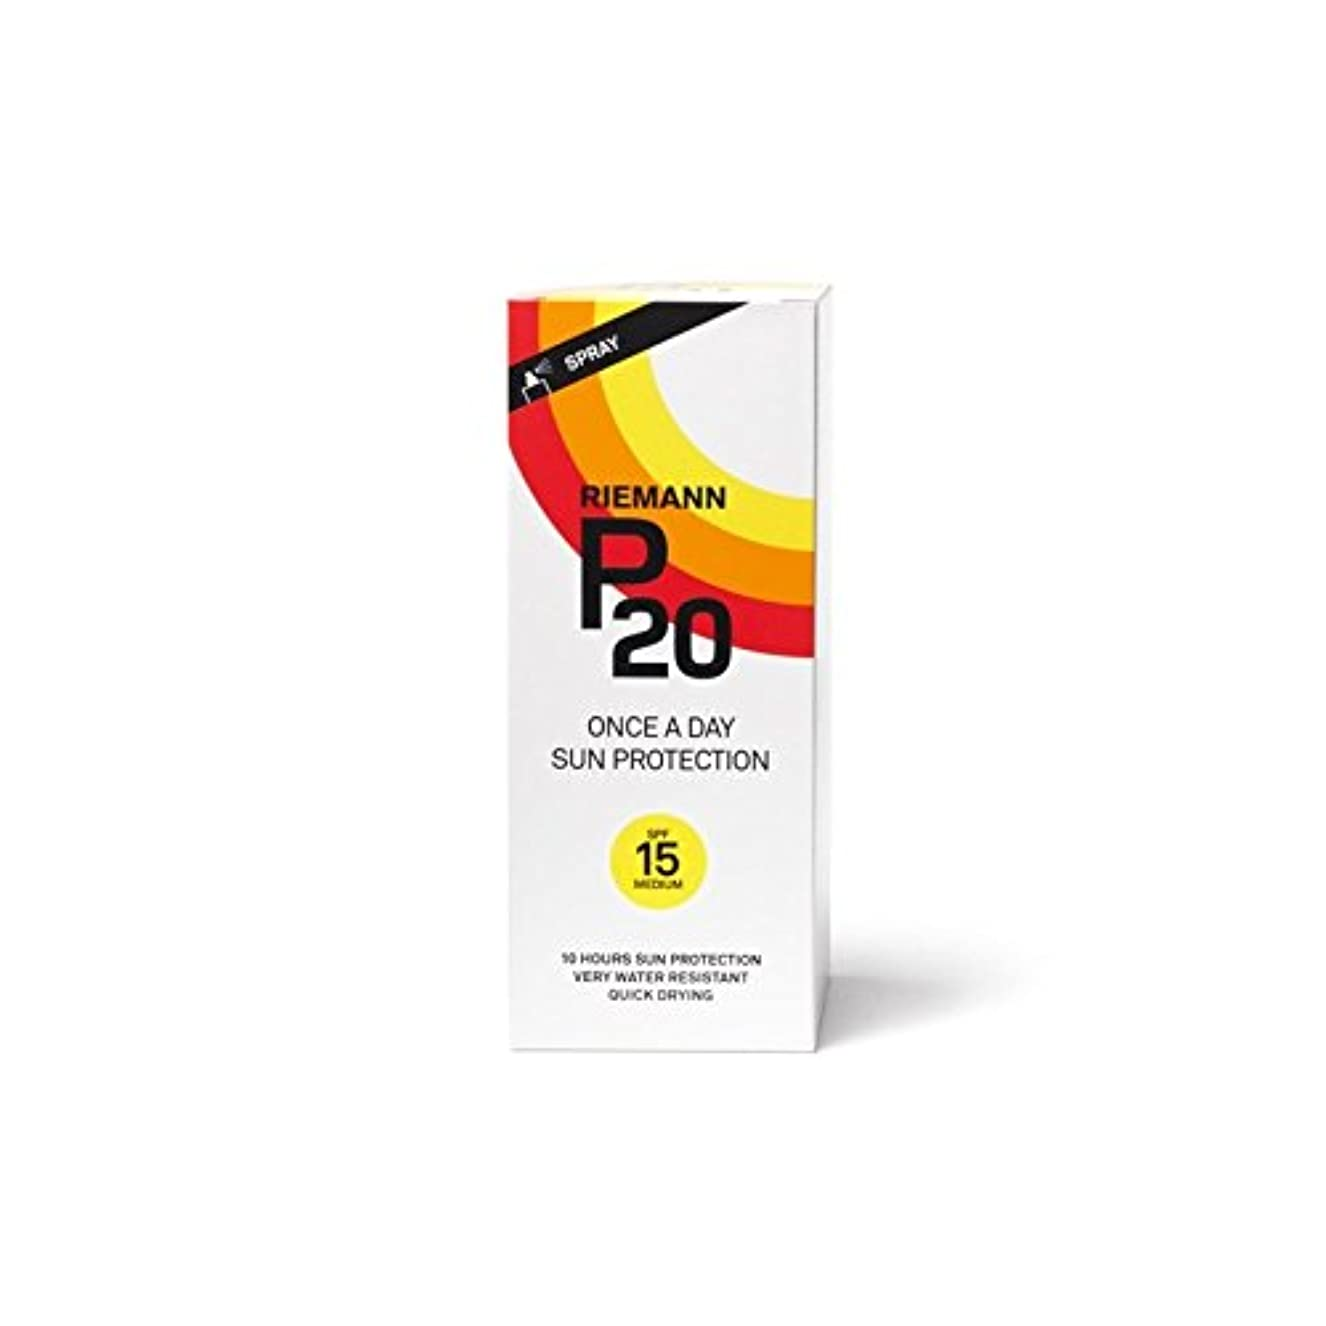 電圧徐々に有効なRiemann P20 Sun Filter 200ml SPF15 (Pack of 6) - リーマン20のサンフィルター200ミリリットル15 x6 [並行輸入品]